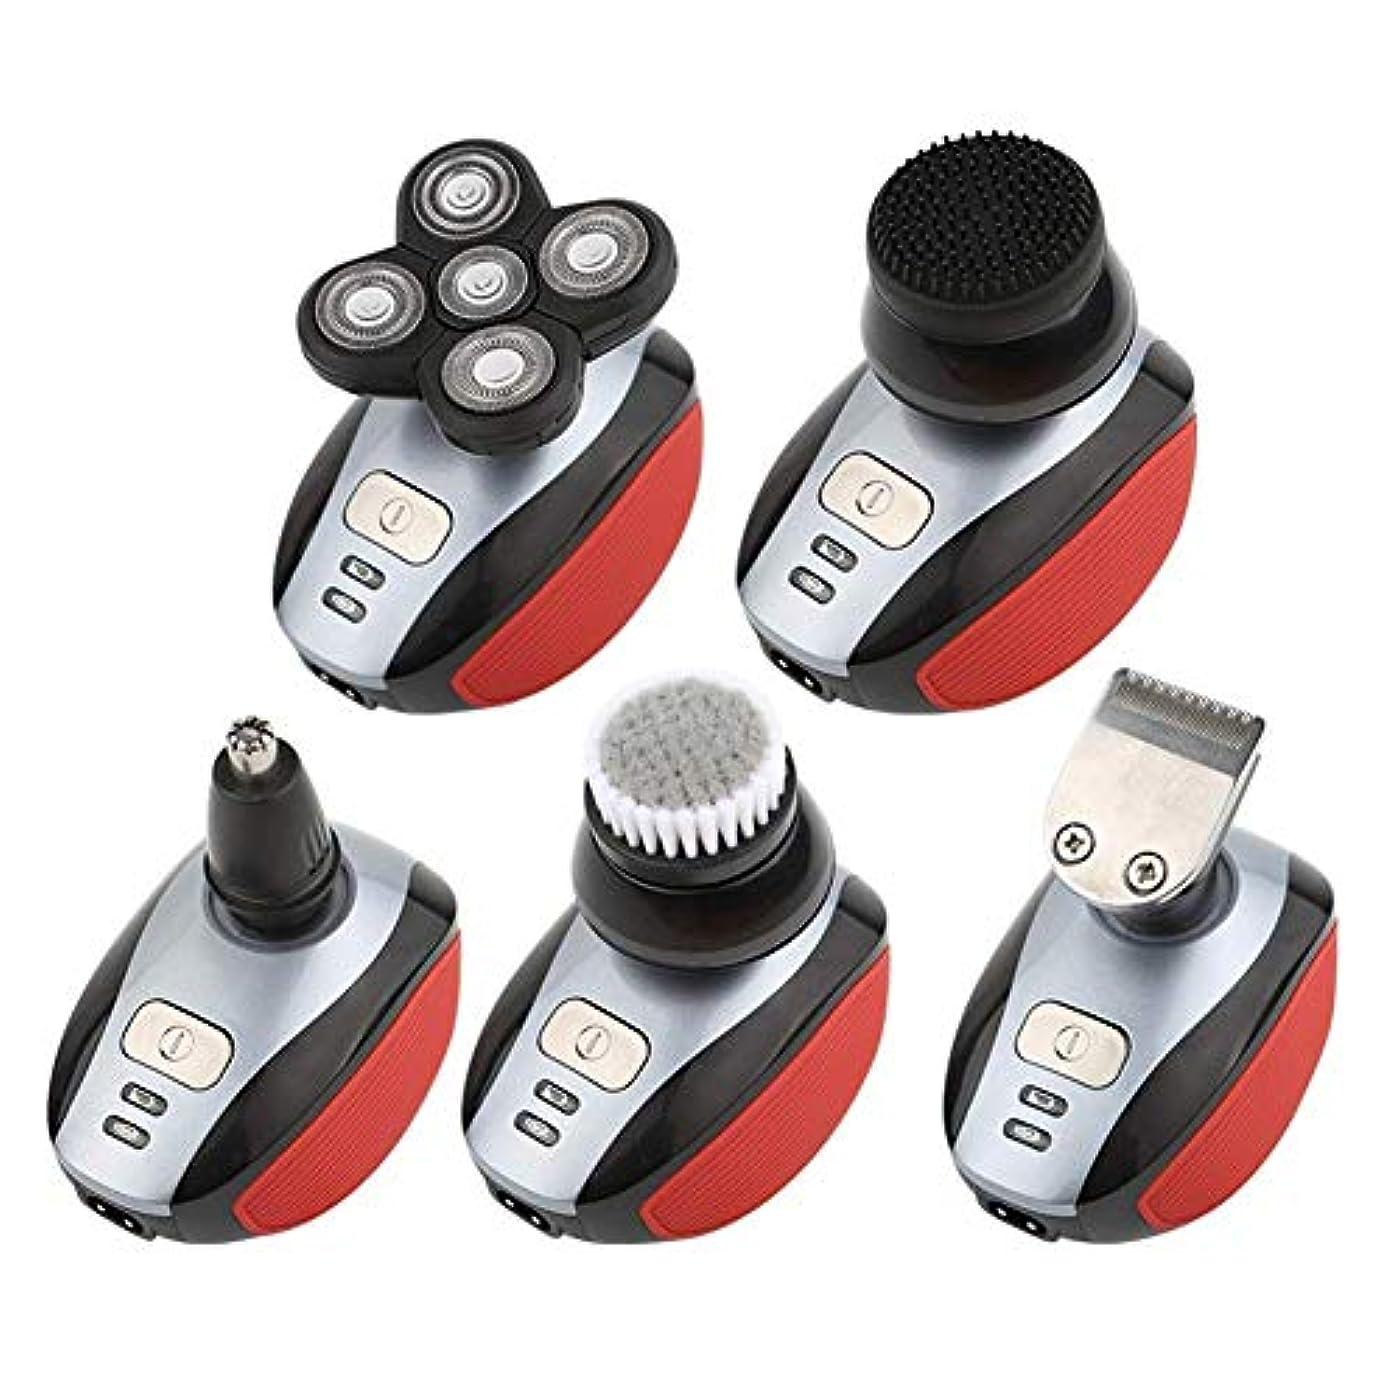 悪意のある日付分析する電動メンズシェーバートリマー - 多機能美容師5 in 1 USB充電式クレンジングブラシ、鼻毛トリマー、バリカン美容ツール